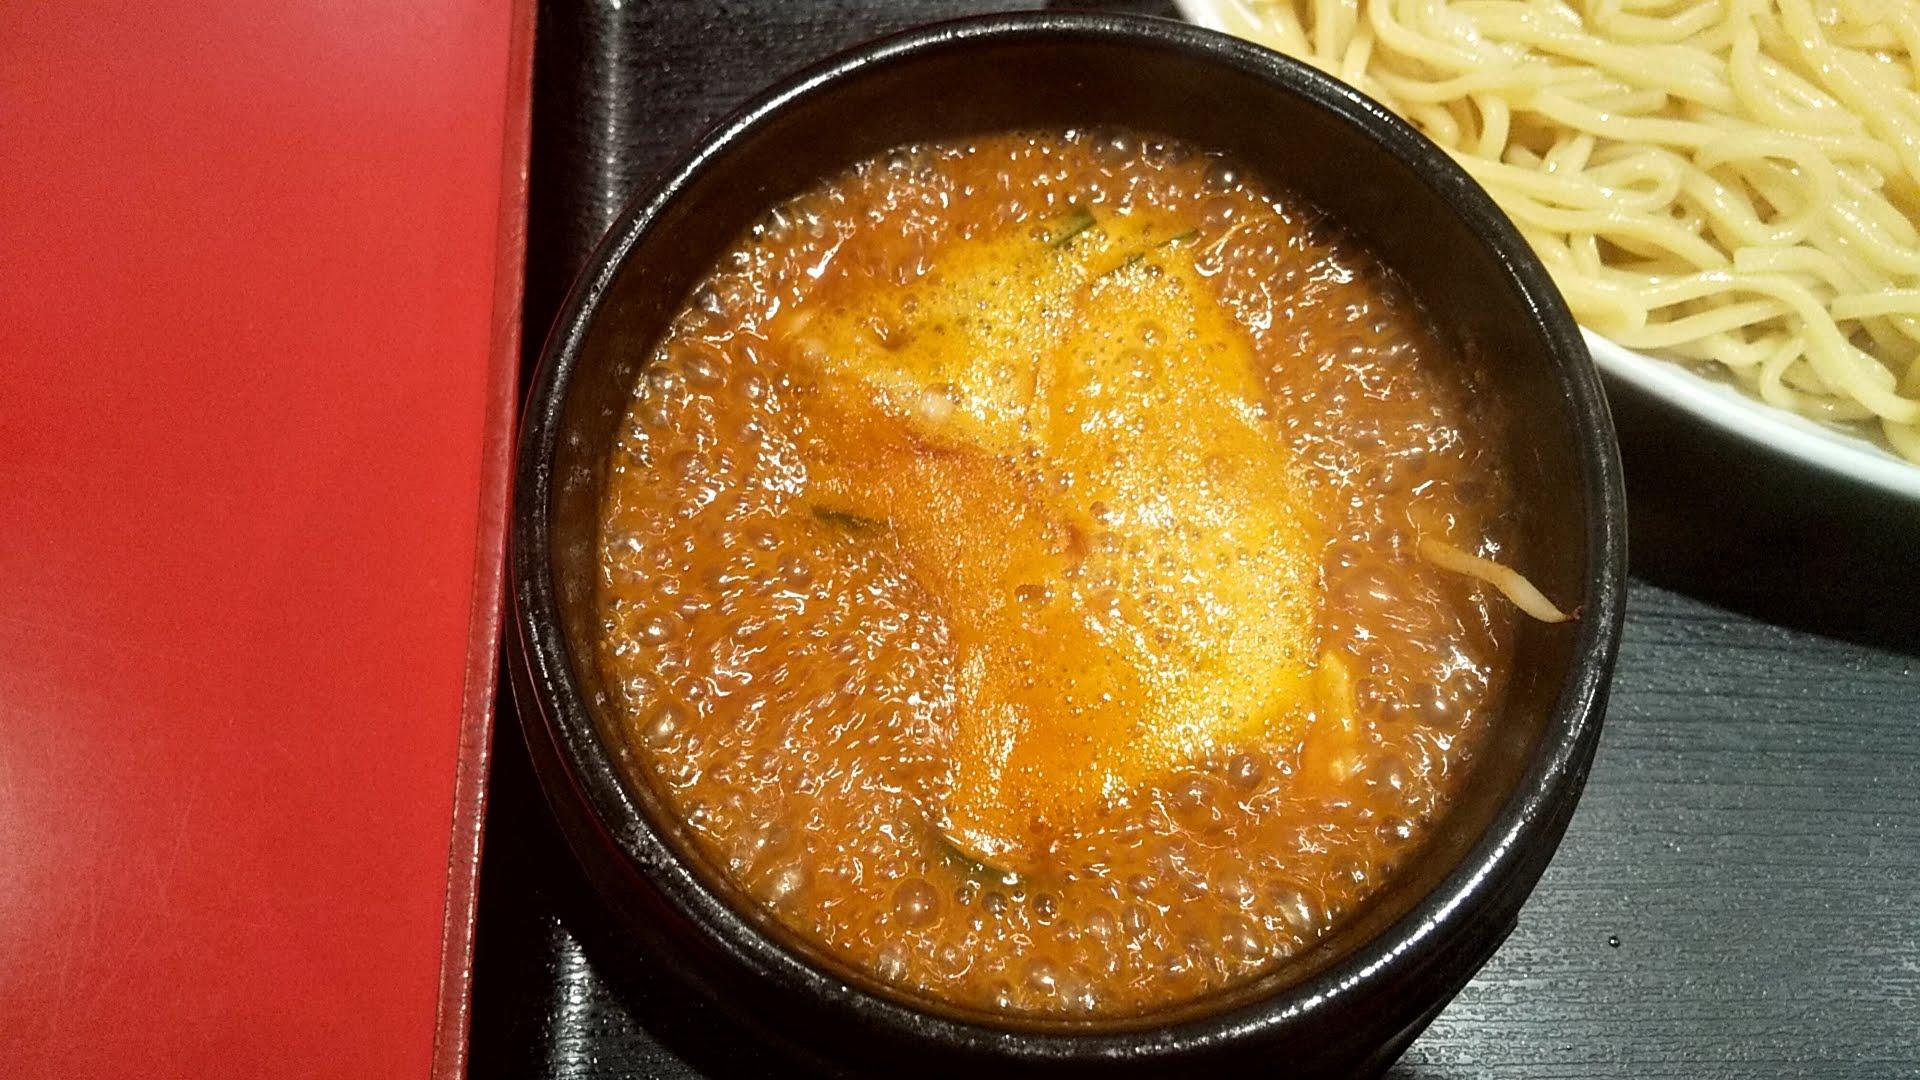 浅草製麺所の石焼チゲつけ麺のつけ汁